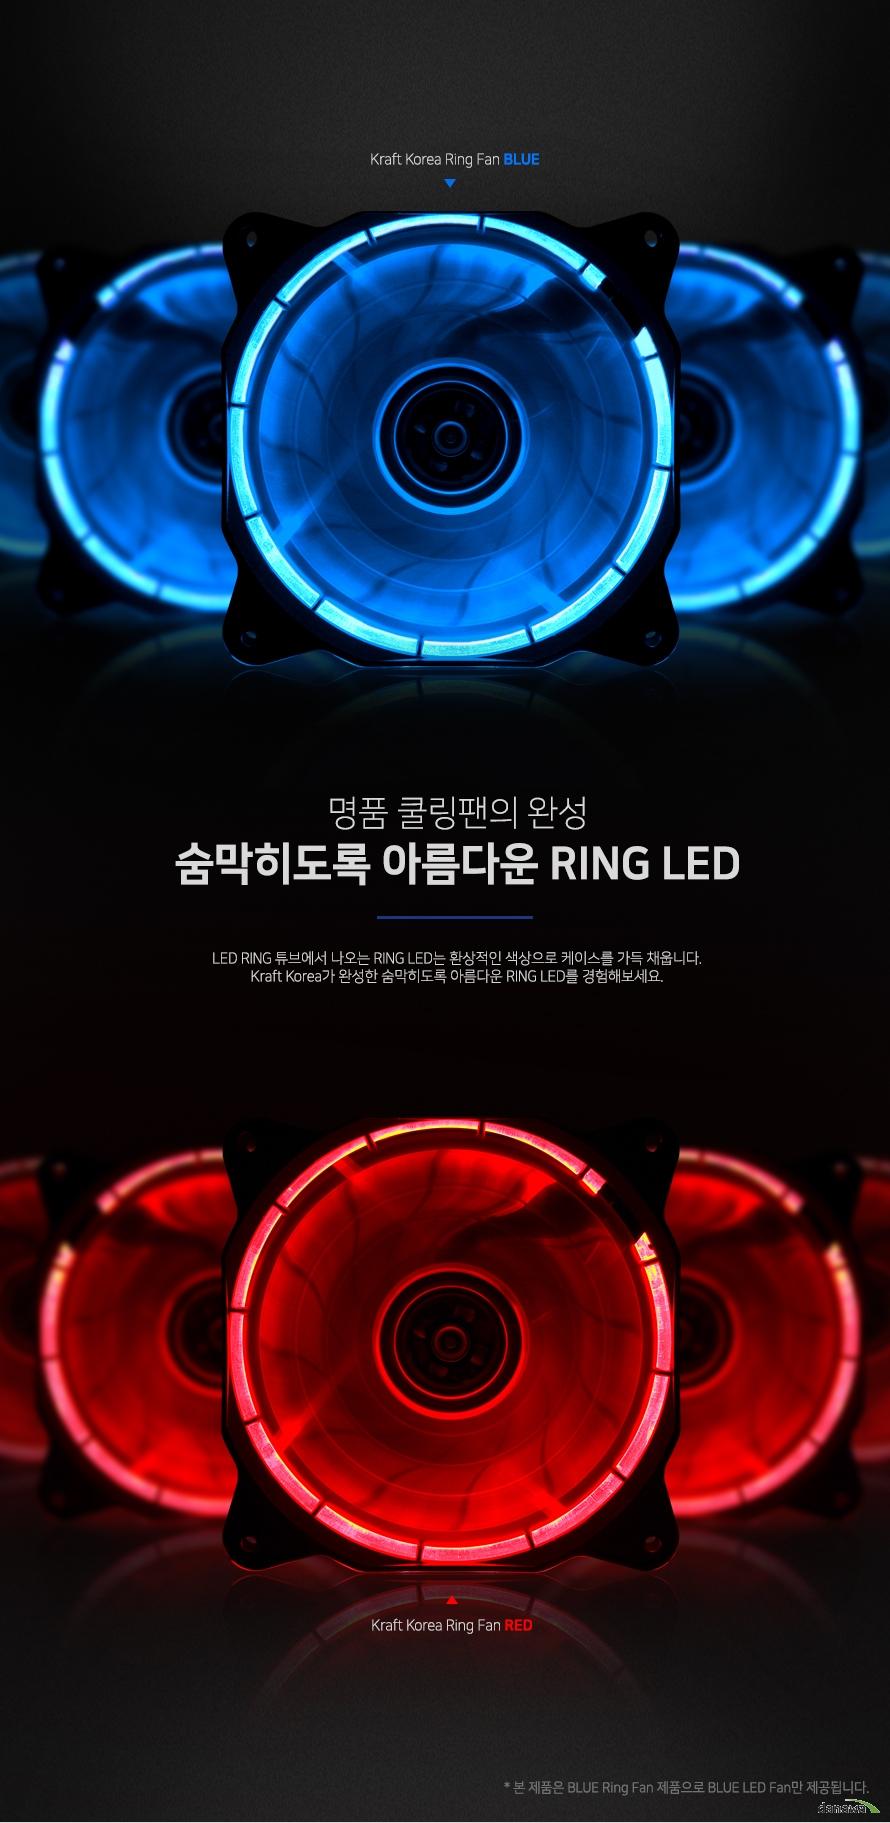 명품 쿨링팬의 완성      숨막히도록 아름다운 링 led      led 링 튜브에서 나오는 링 led는 환상적인 색상으로 케이스를 가득 채웁니다.   크라프트 코리아가 완성한 숨막히도록 아름다운 링 led를 경험해보세요.      본 제품은 블루 링 팬 제품으로 블루 led fan만 제공됩니다.